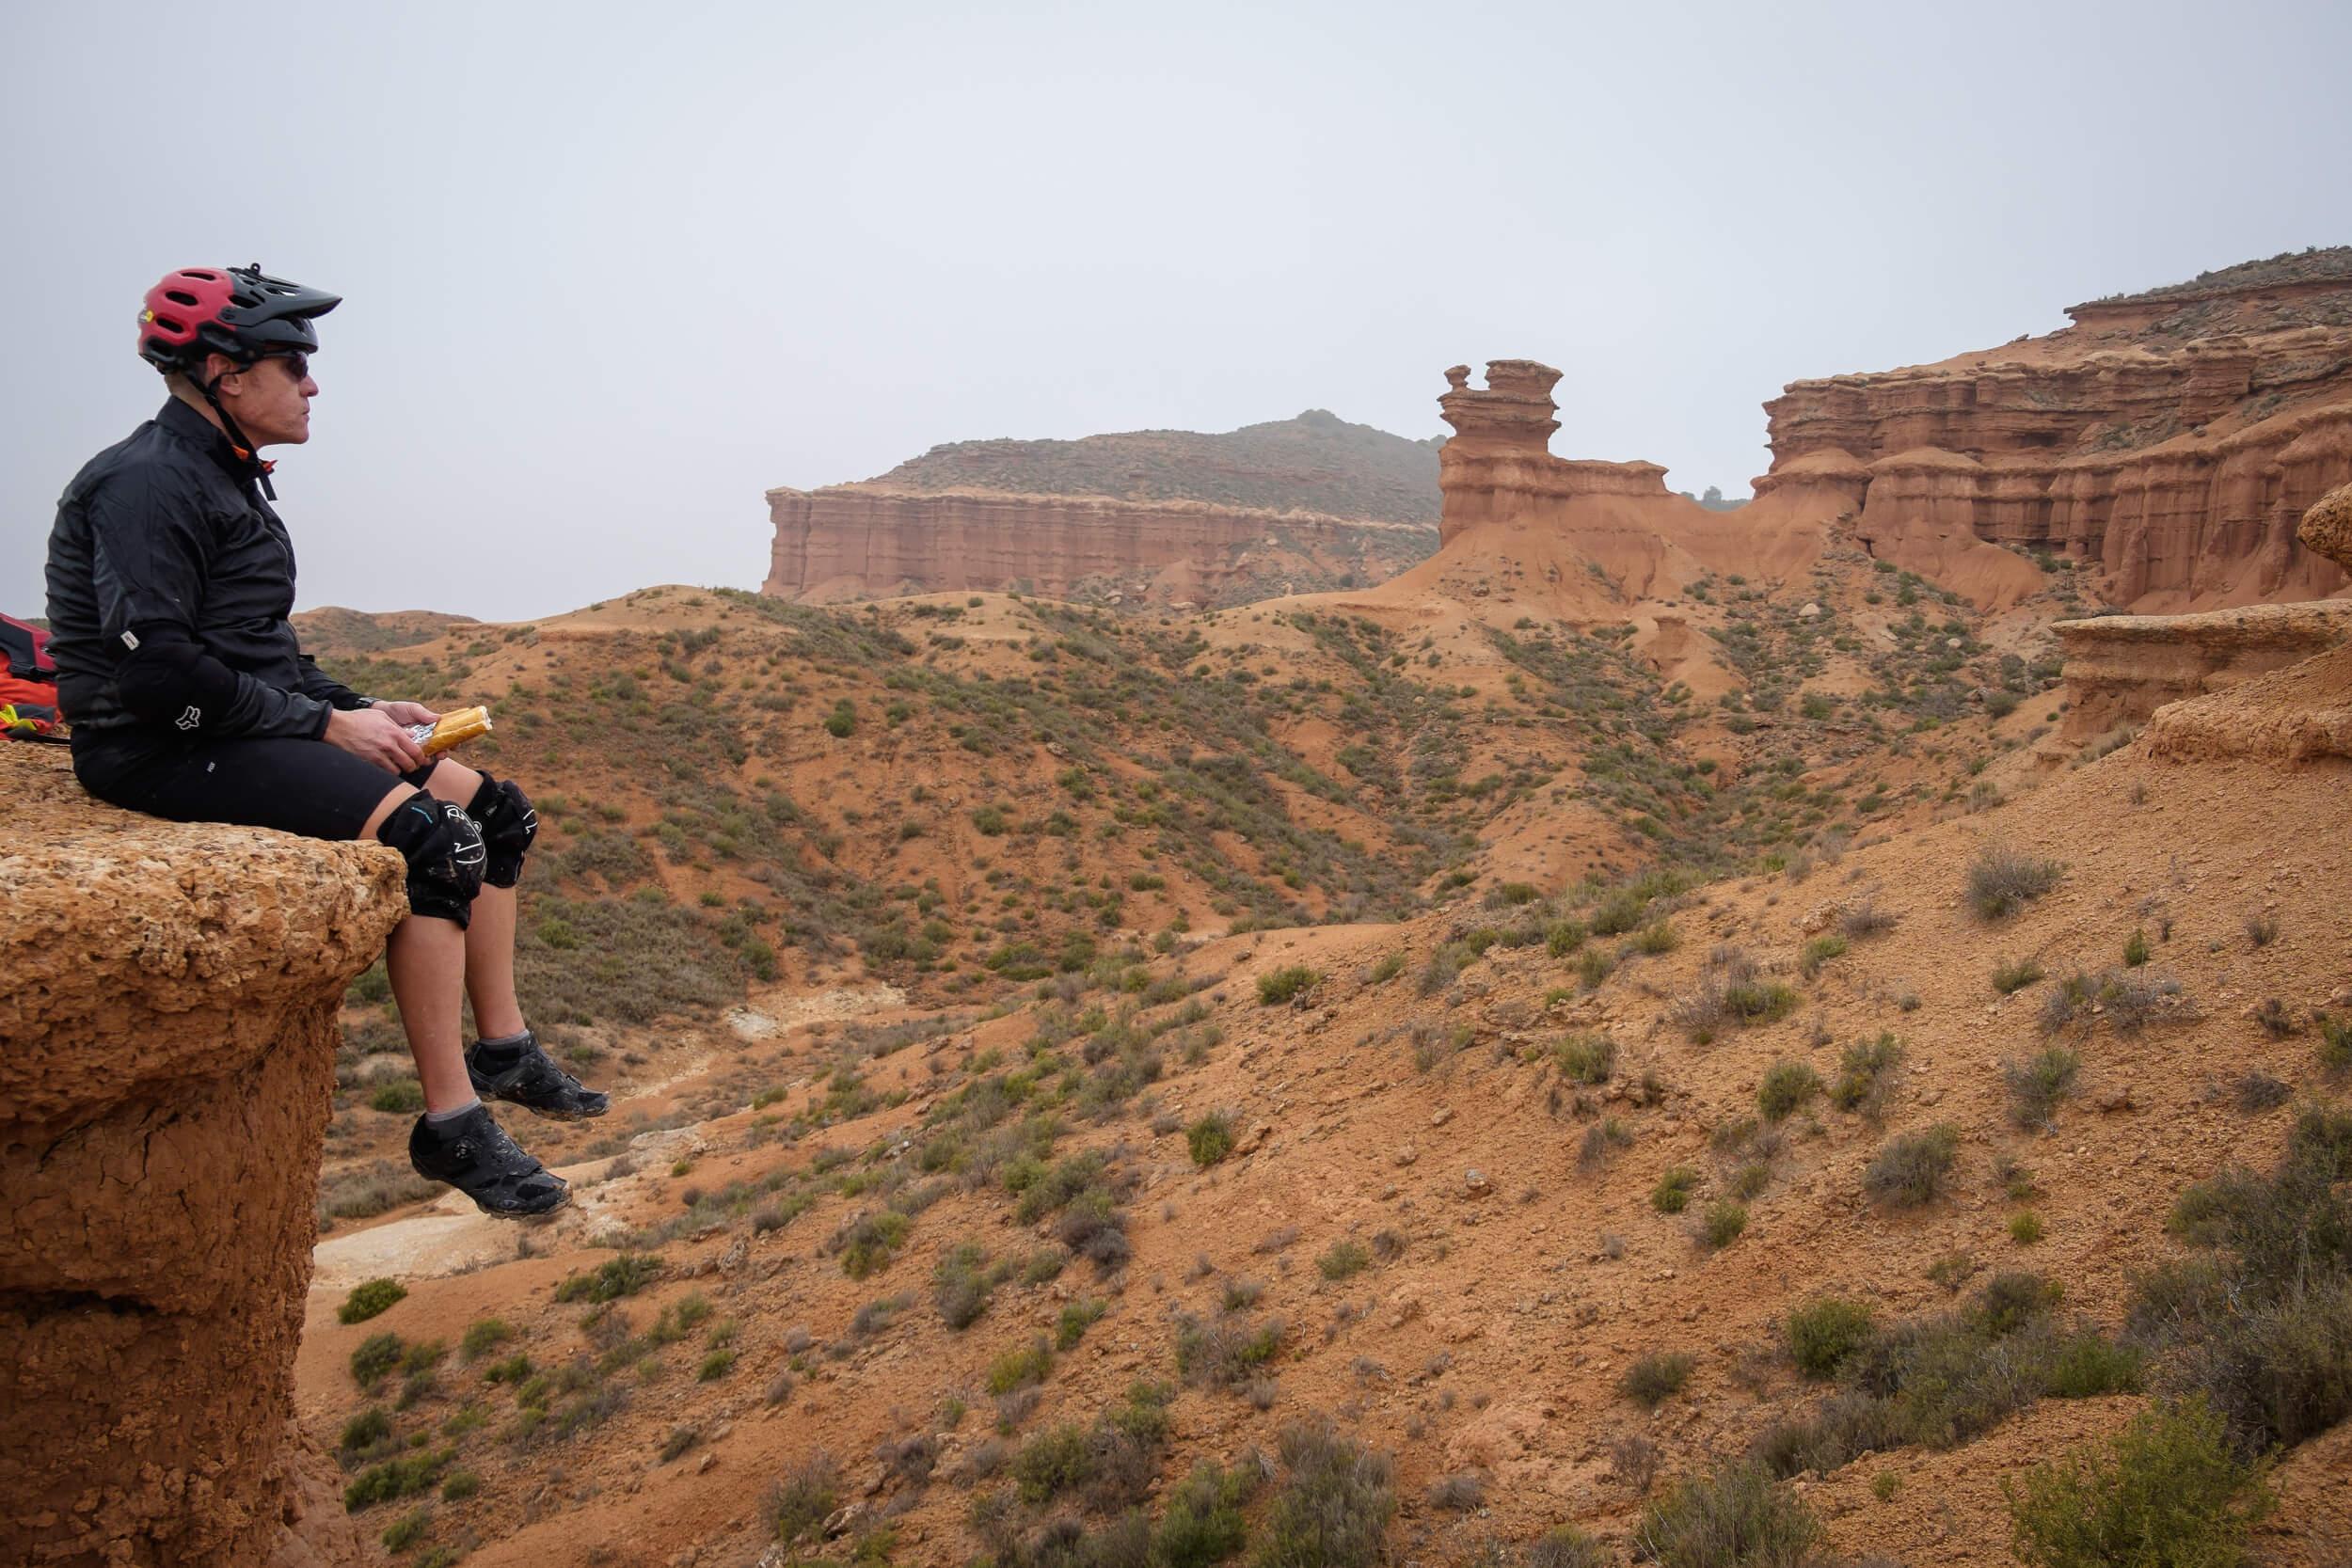 Mountain_biking_spanish_utah05